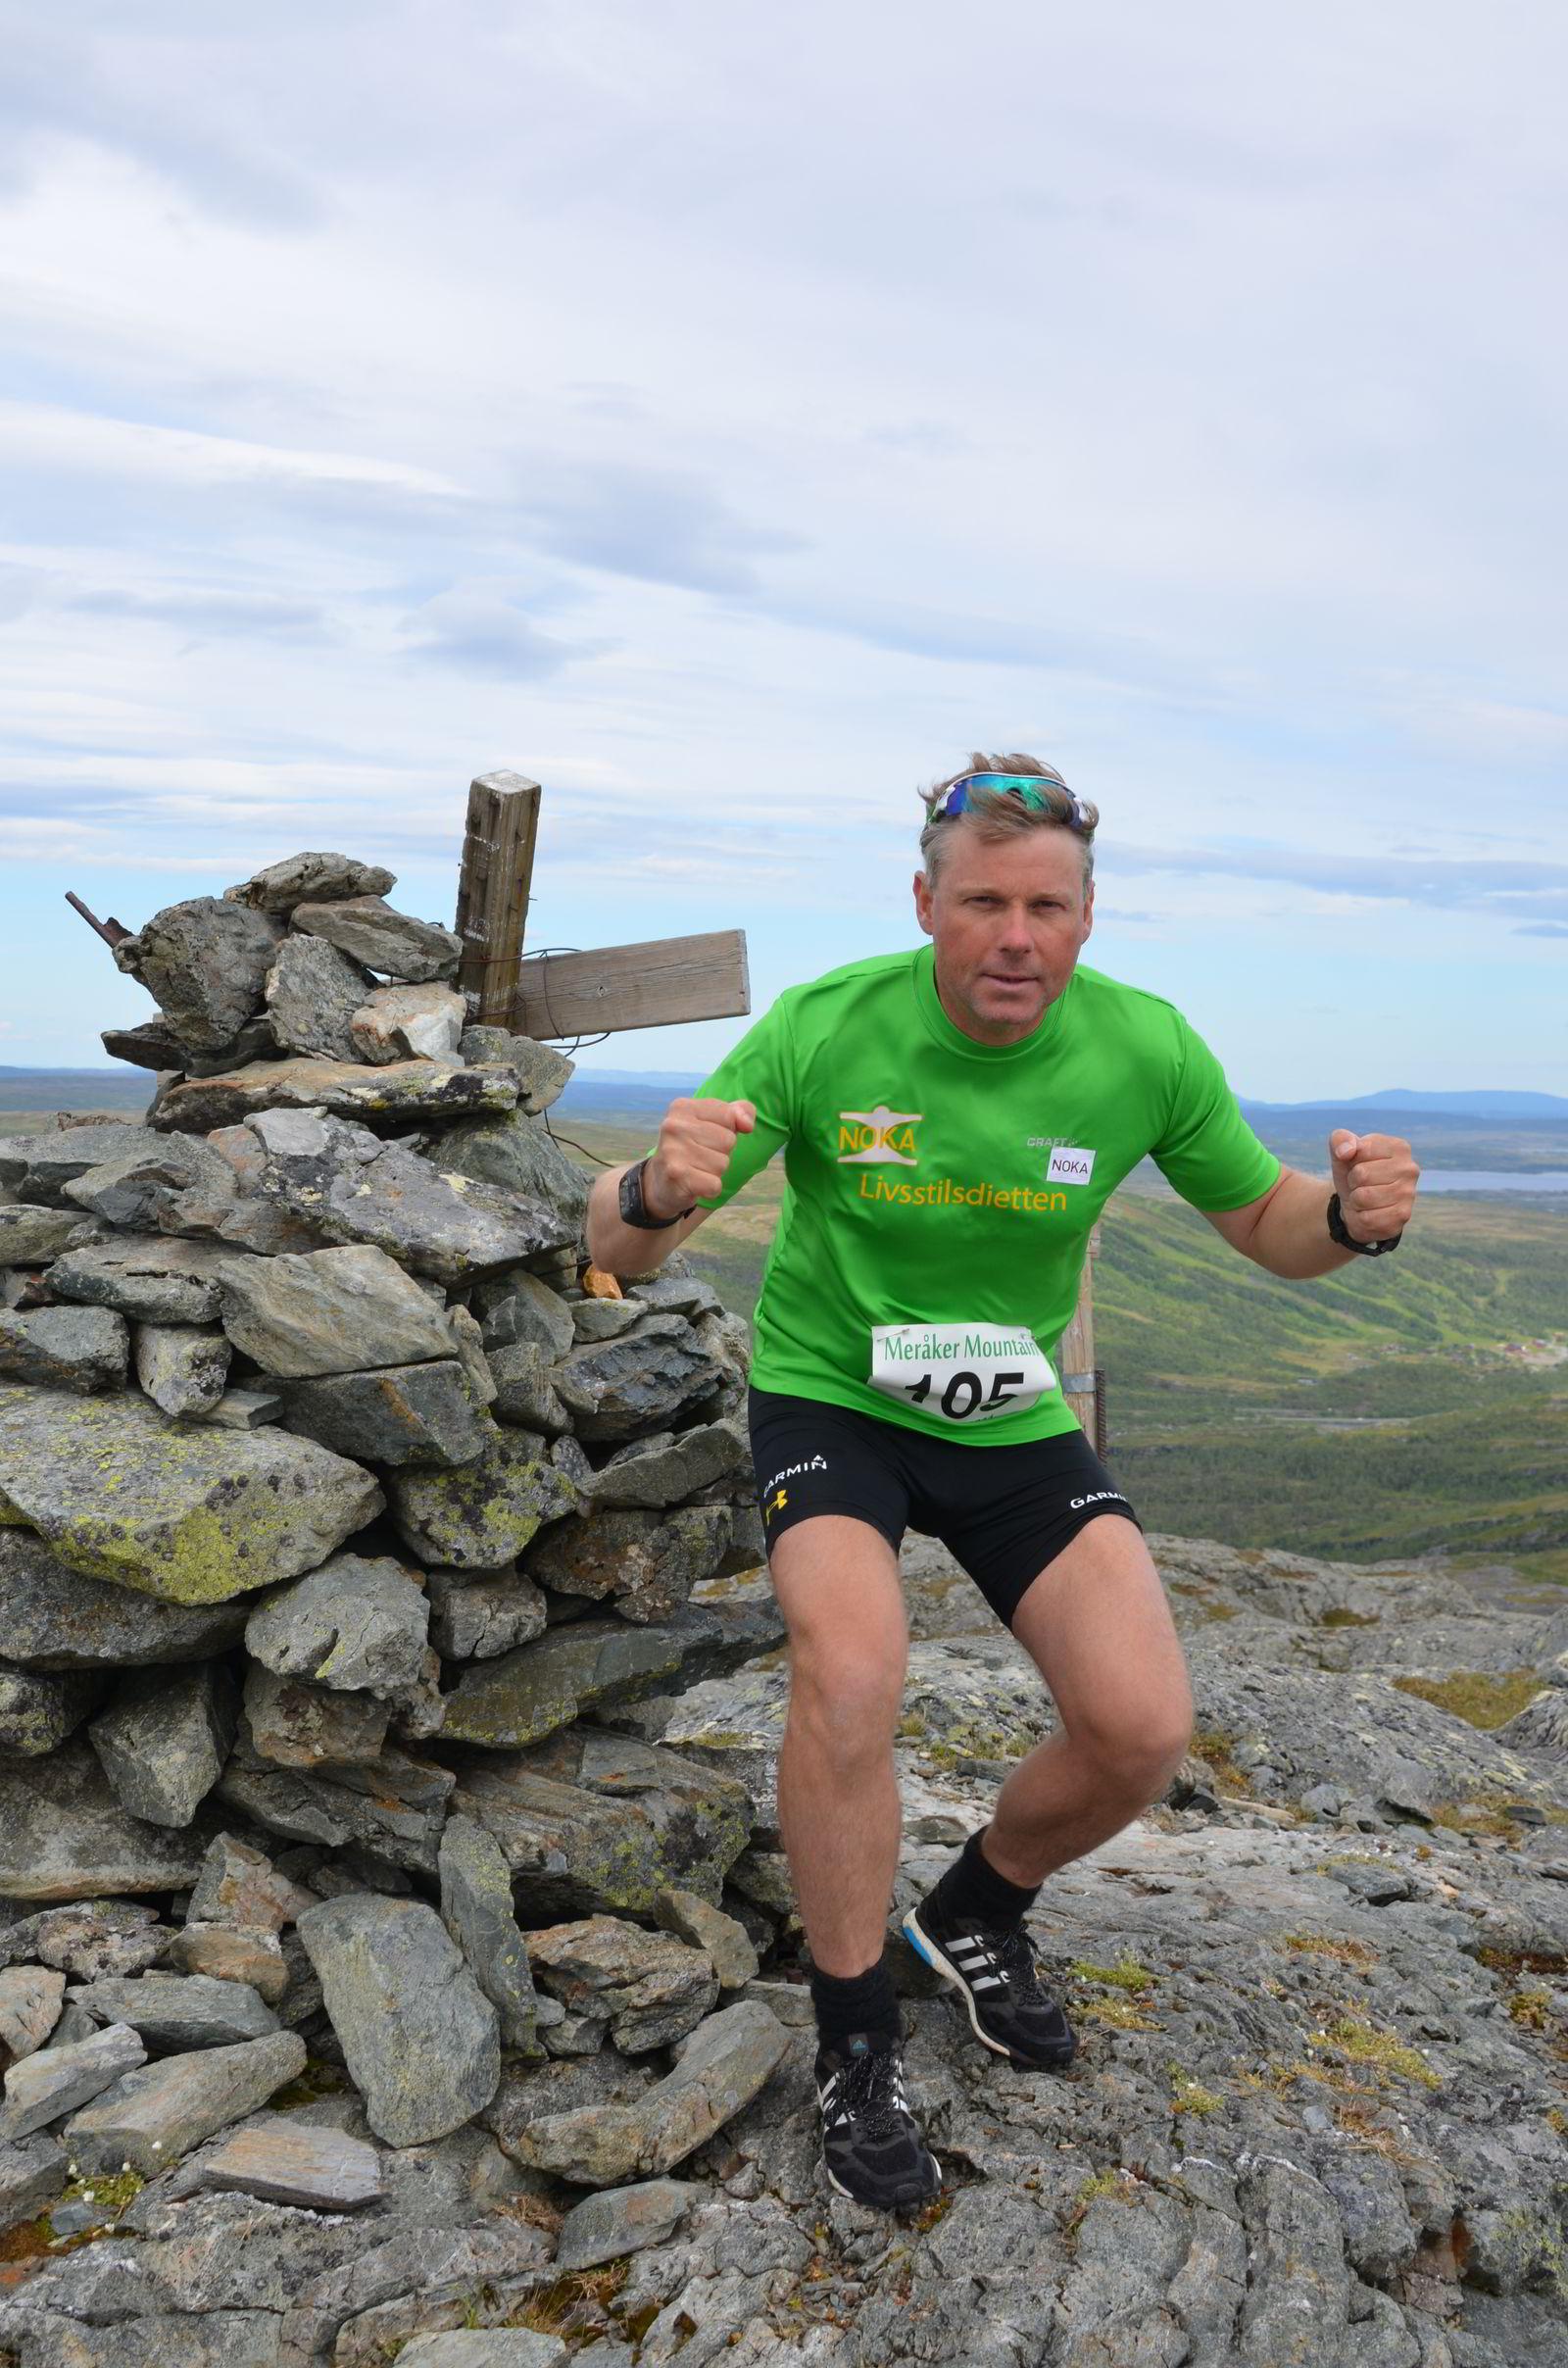 LADER OPP TIL VERDENSREKORDFORSØK: Løpsarrangør Hallgeir Martin Lundemo bruker helgens 70 km fjelløp til å lade opp til verdensrekordforsøk.FOTO: Anniken Olberg